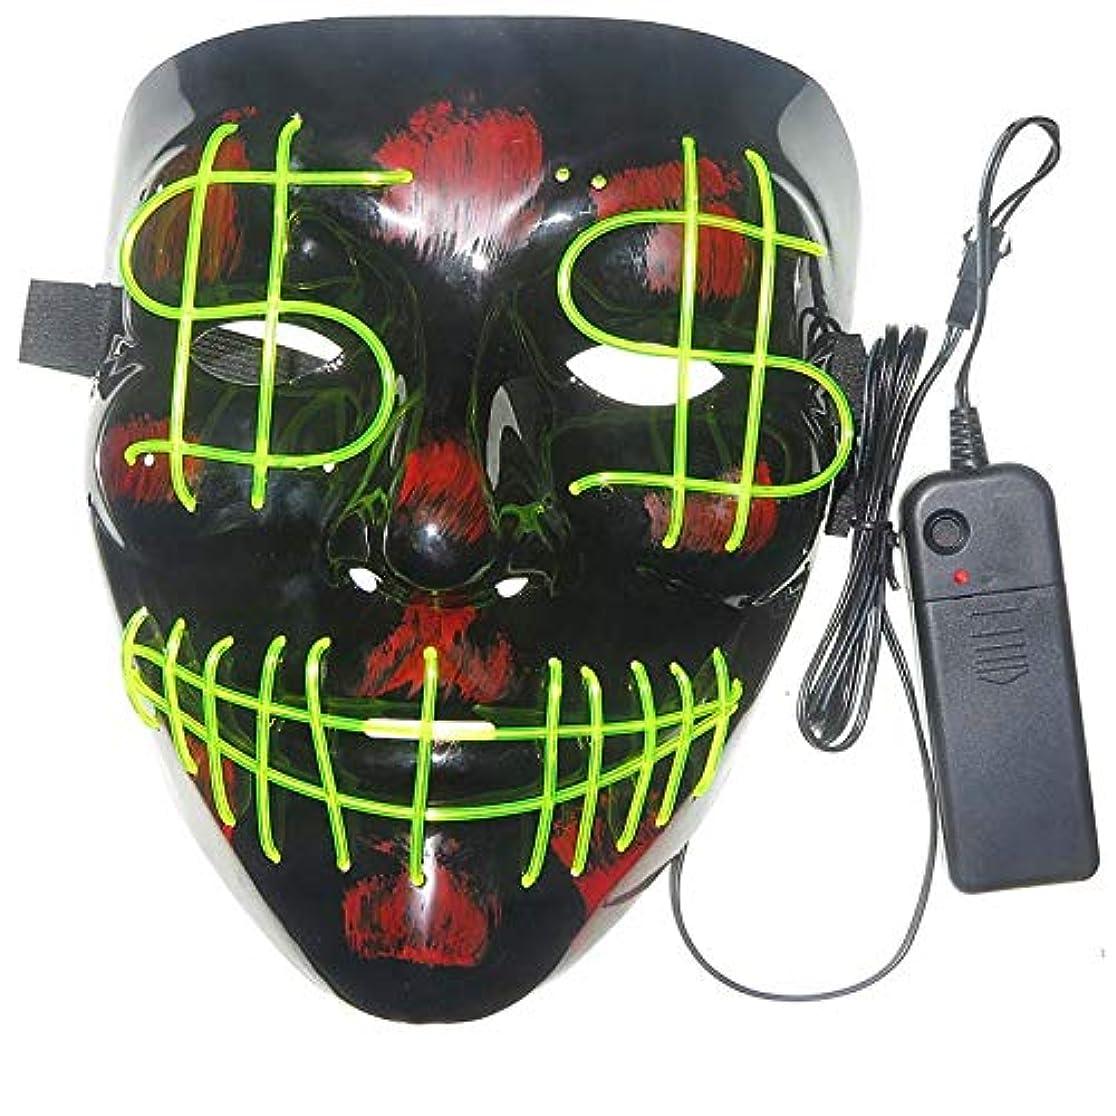 アプローチ沼地半円ハロウィーンの怖いマスクコスプレ-コスチュームマスクライトフェスティバルパーティー用LEDマスク